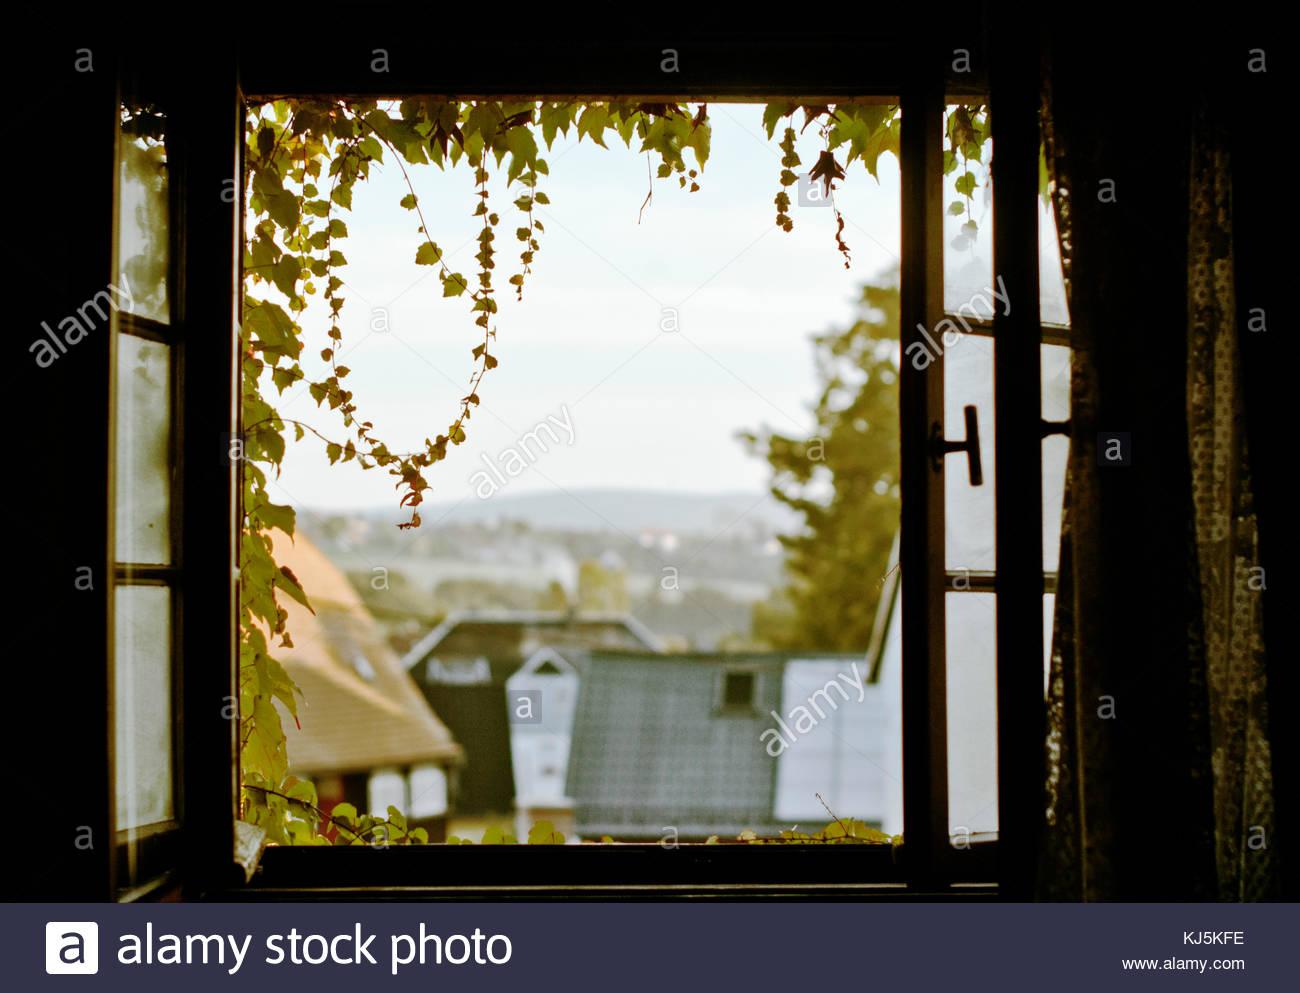 Blick durch ein offenes fenster stockfoto bild 166082210 - Braunen durch fenster ...